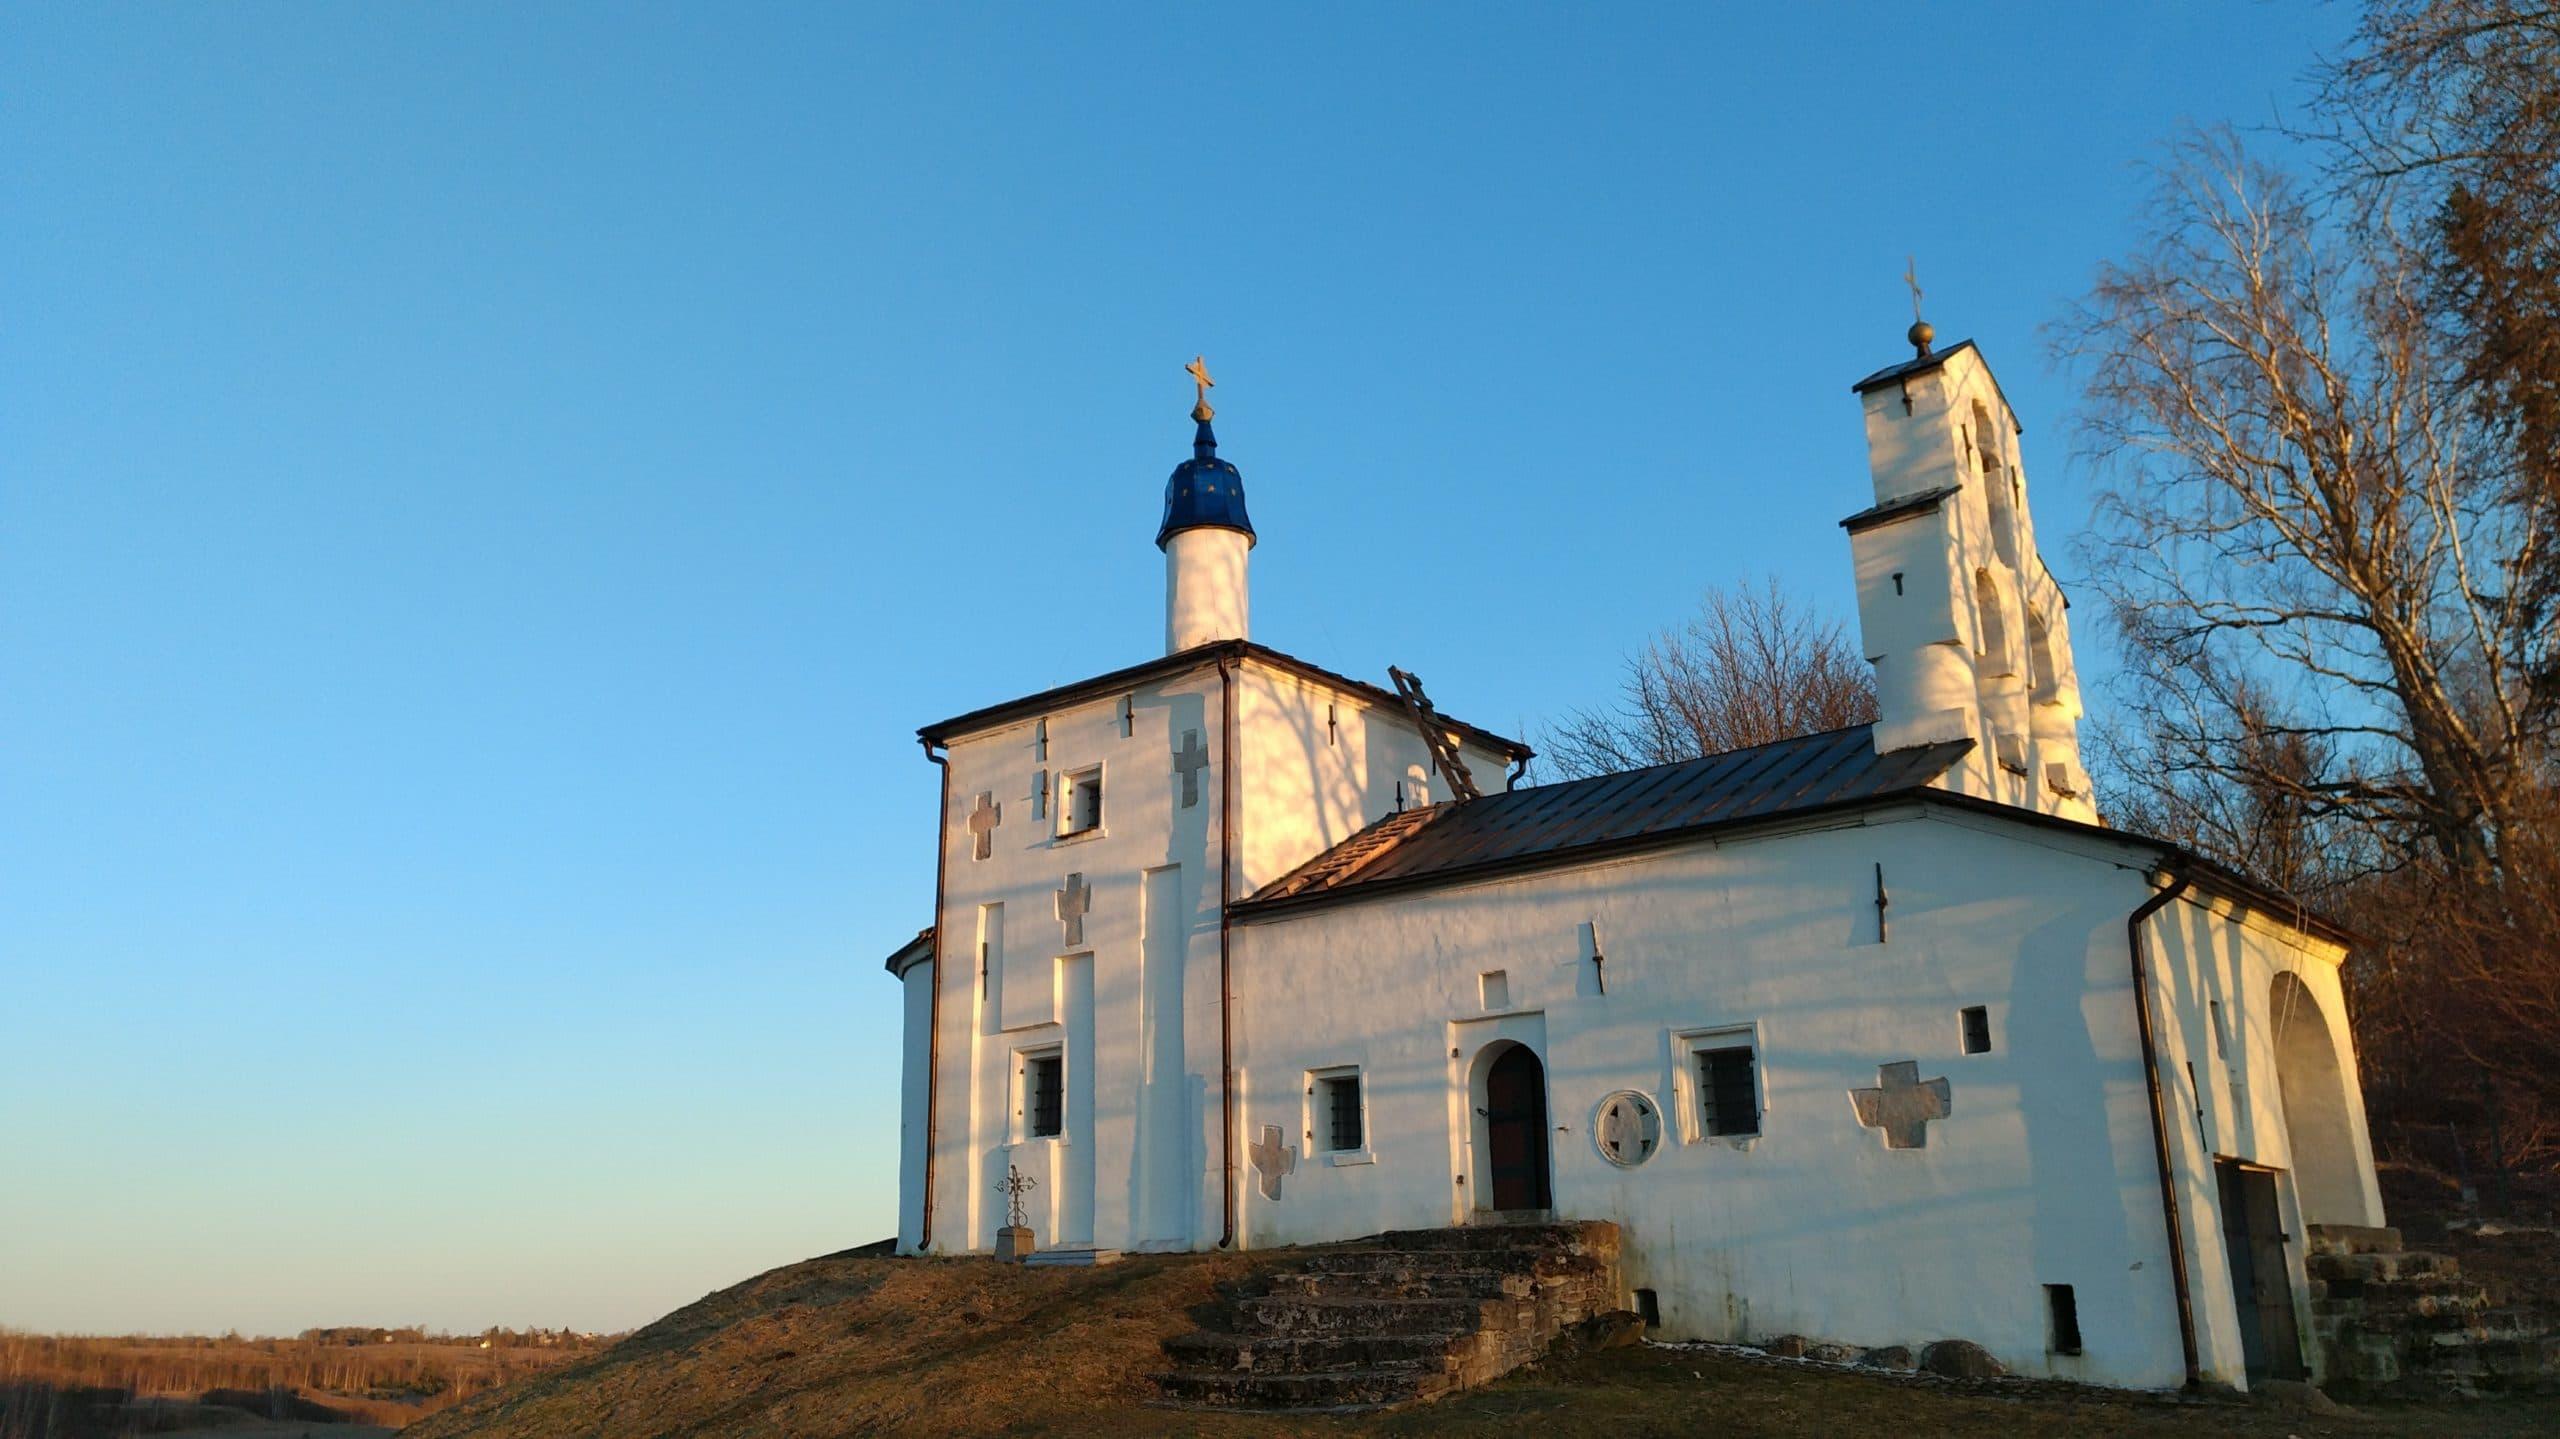 Труворово городище. Никольская церковь